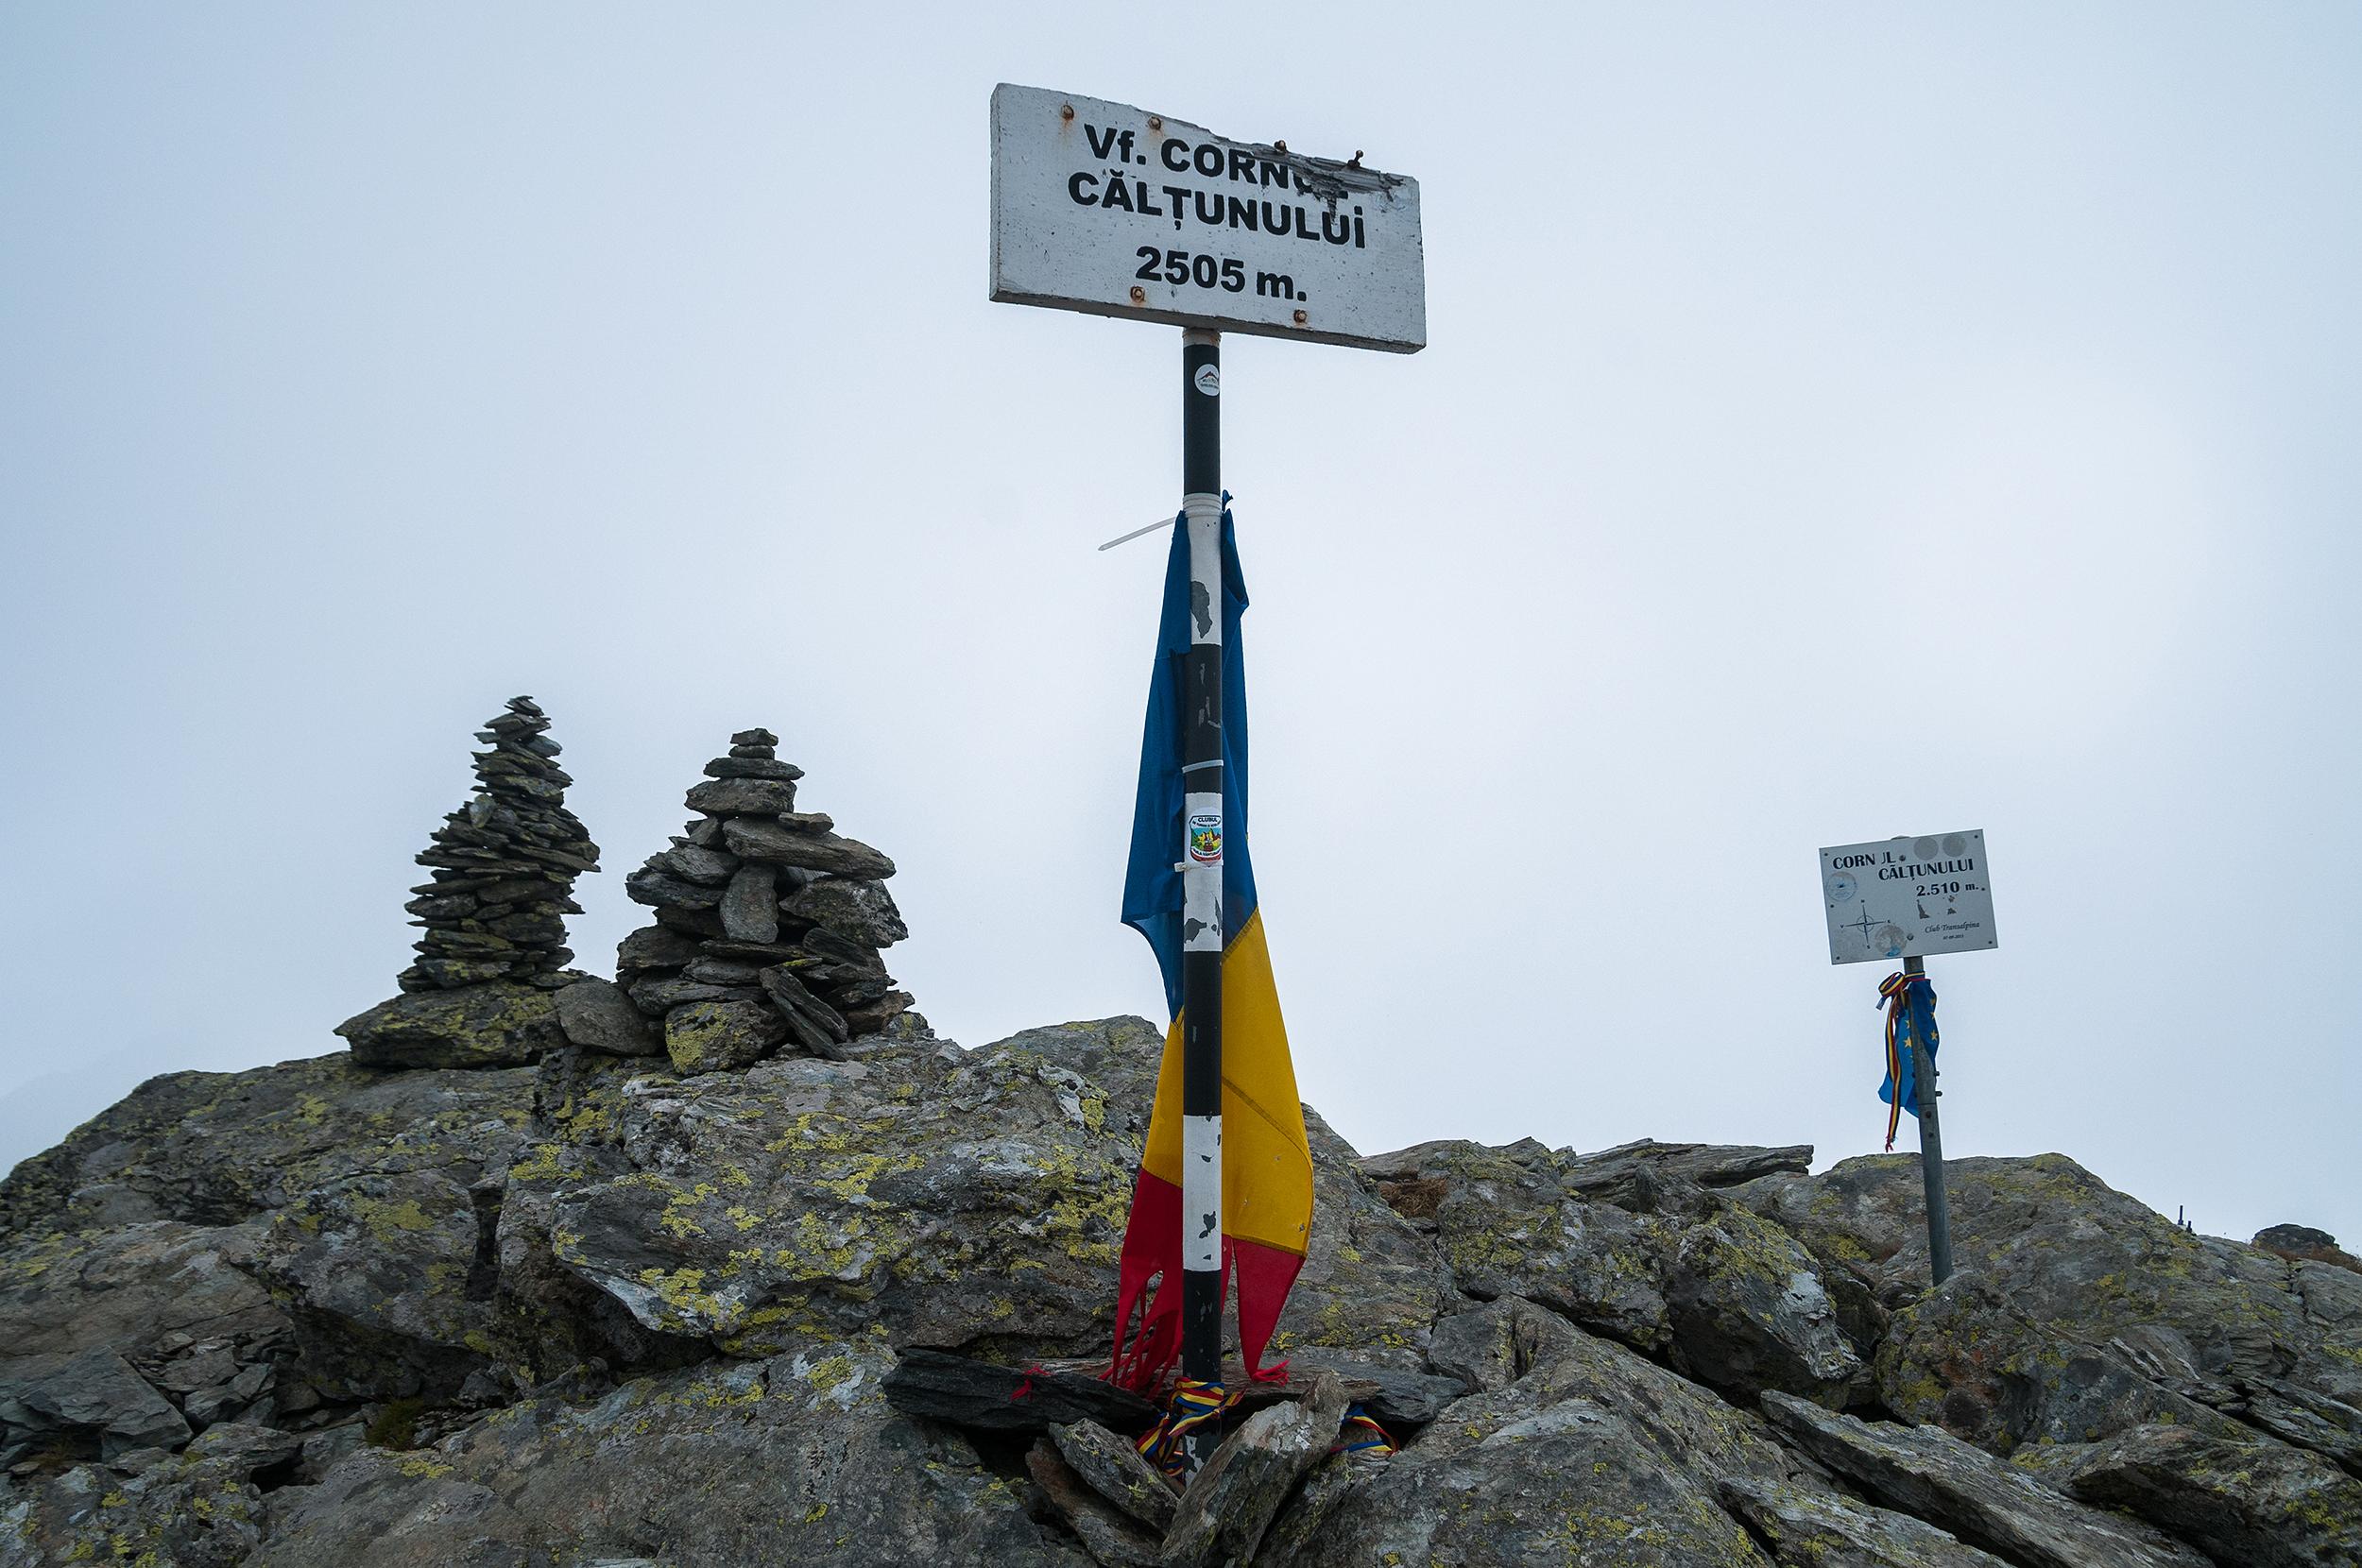 Vârful sau... vârfurile?! Ai zice ca sunt două la trei metri distanță cu altitudini diferite. Aceiași dilemă ca și pe Vf. Lespezi.